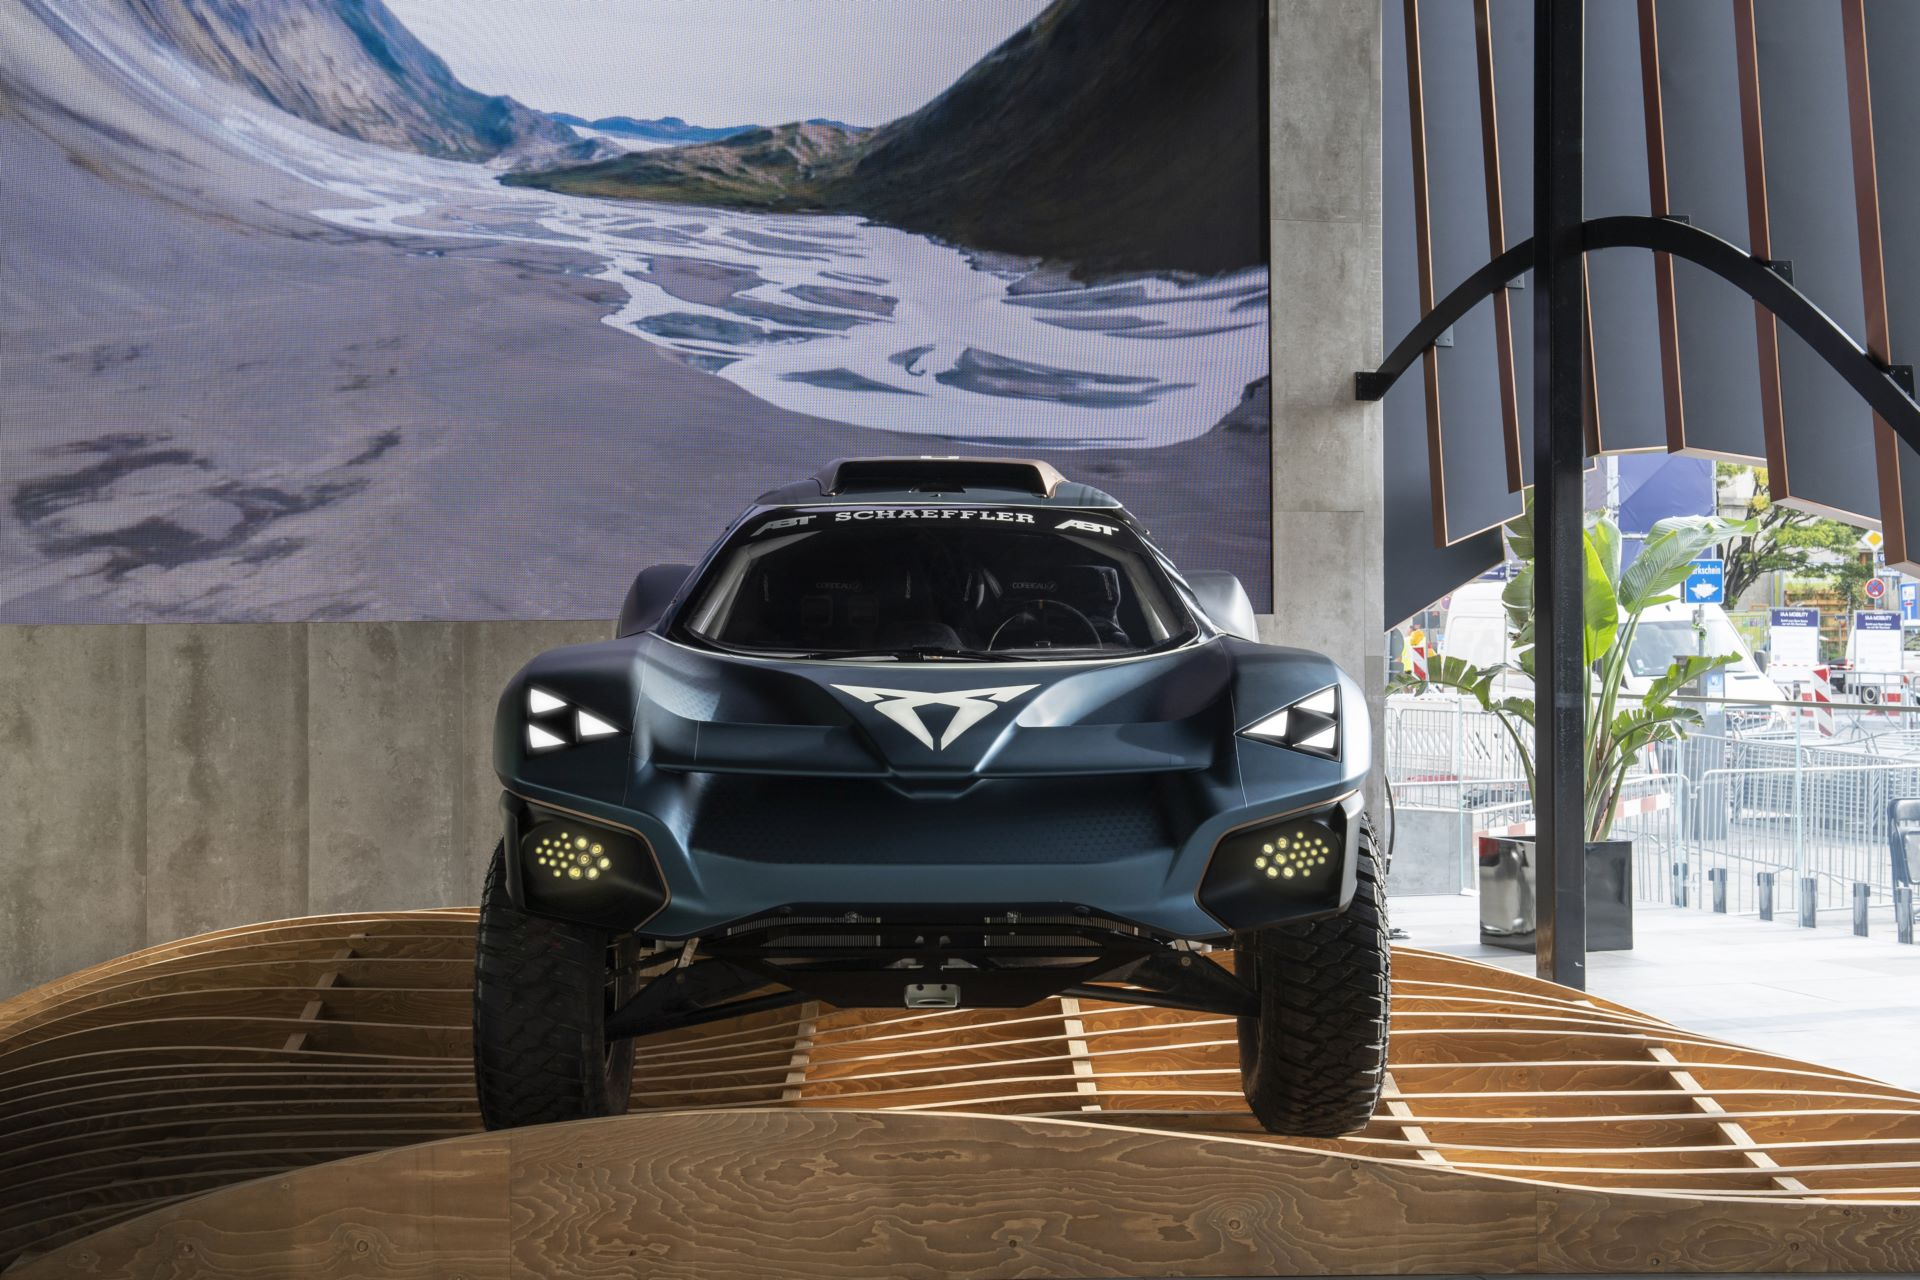 Cupra-Tavascan-Extreme-E-Concept-2